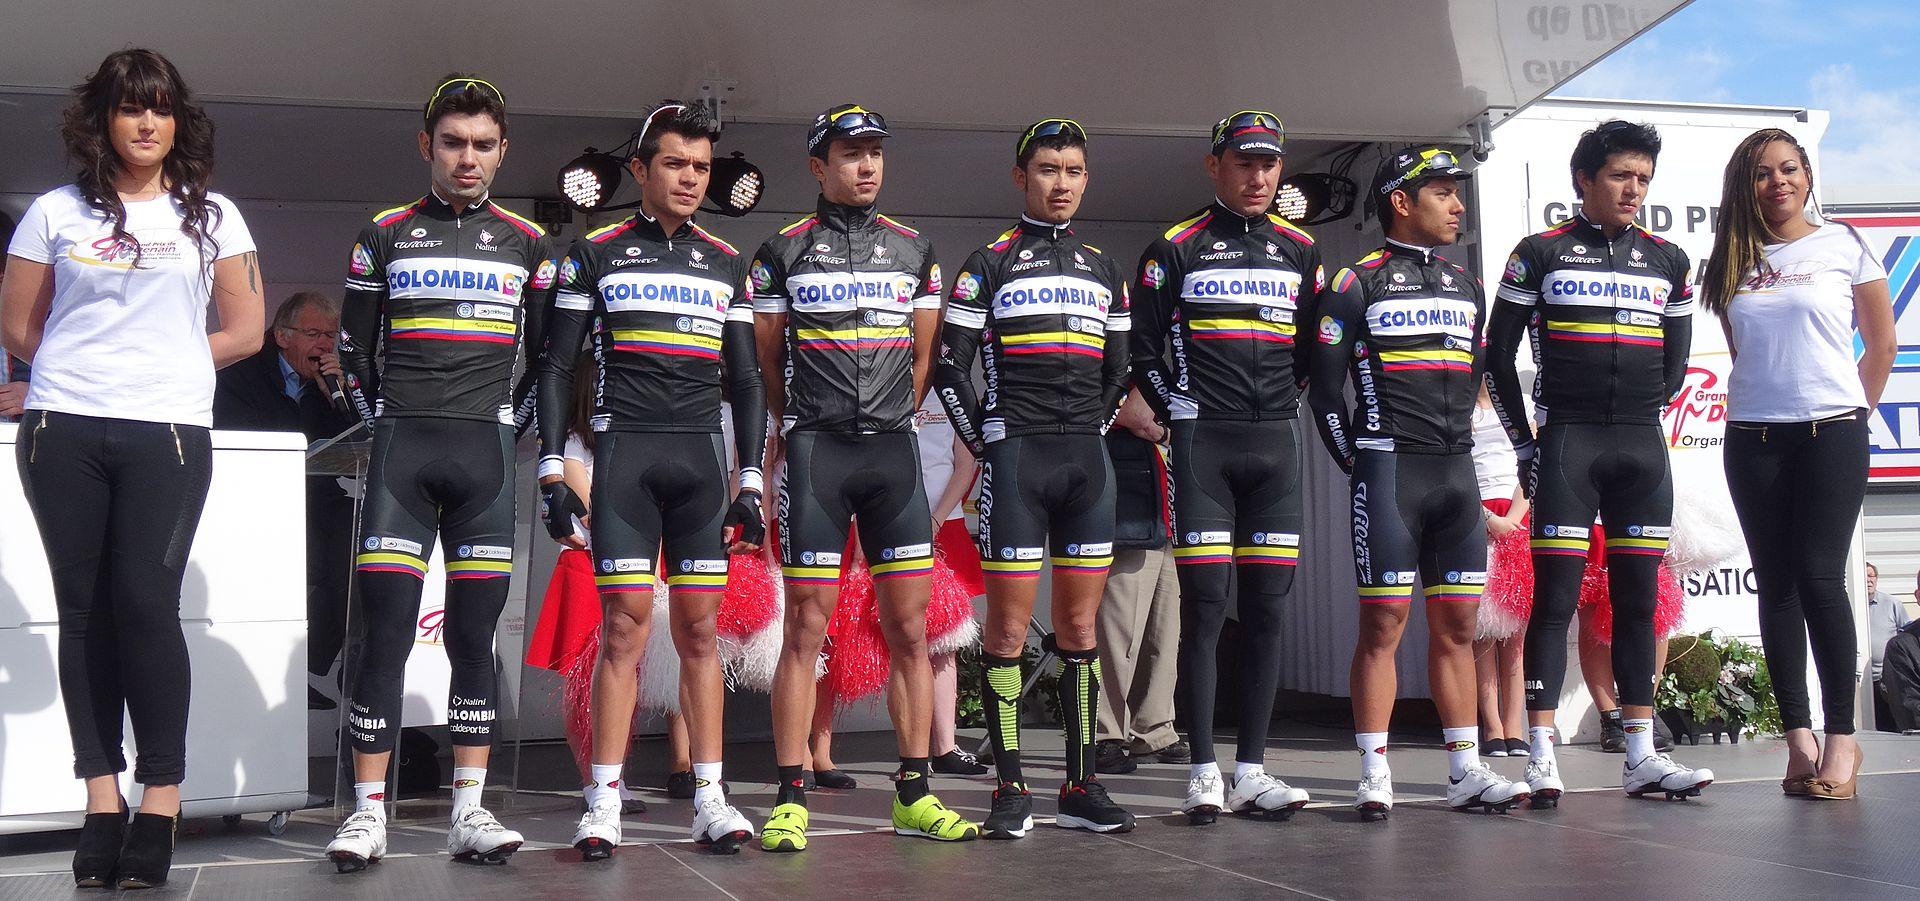 Colombia equipo ciclista wikipedia la enciclopedia libre for Equipos de ciclismo